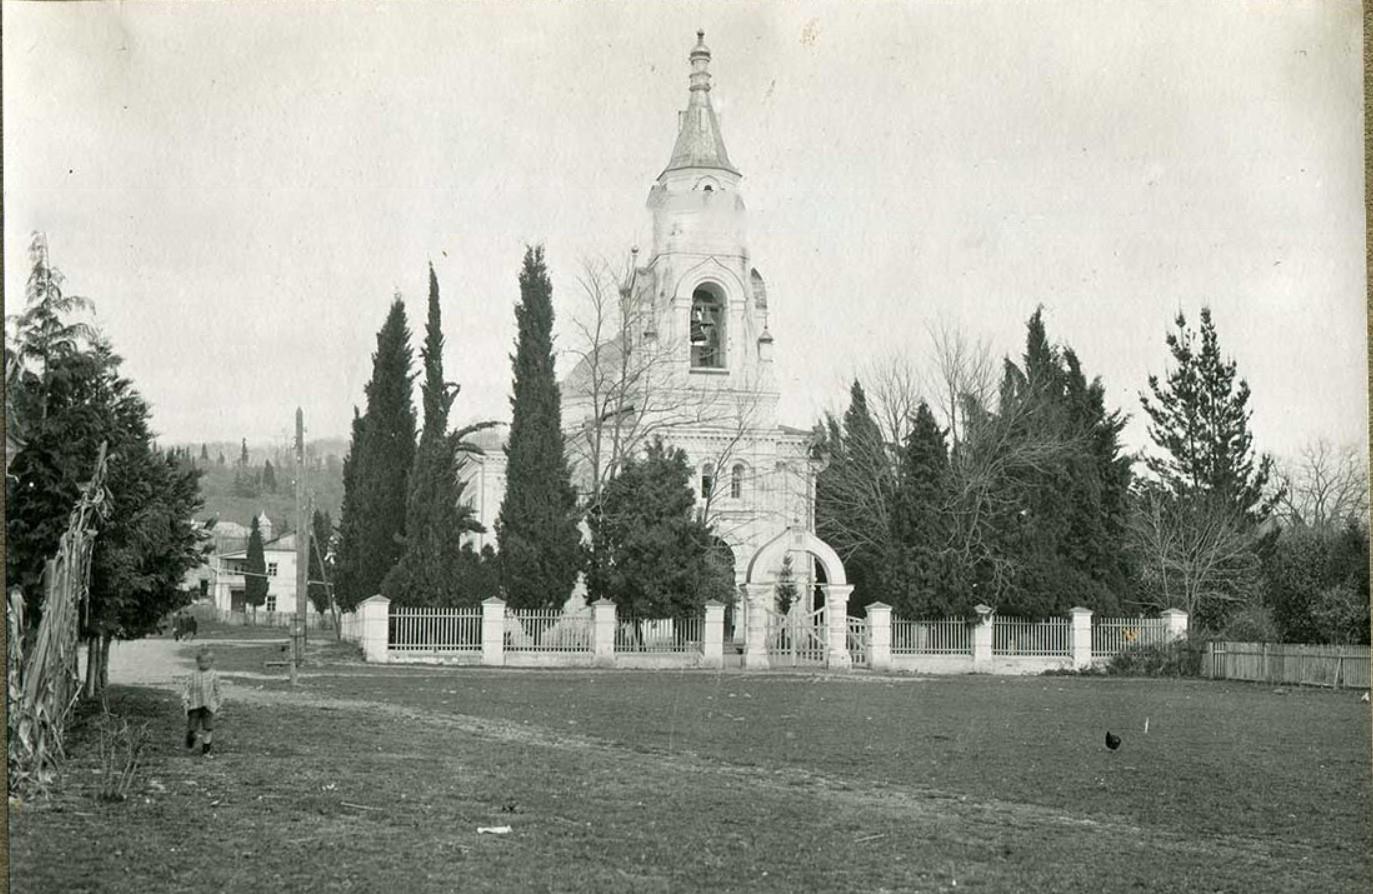 Сочи. Собор Святого Архистратига Архангела Михаила, сооруженный в память окончания Кавказской войны